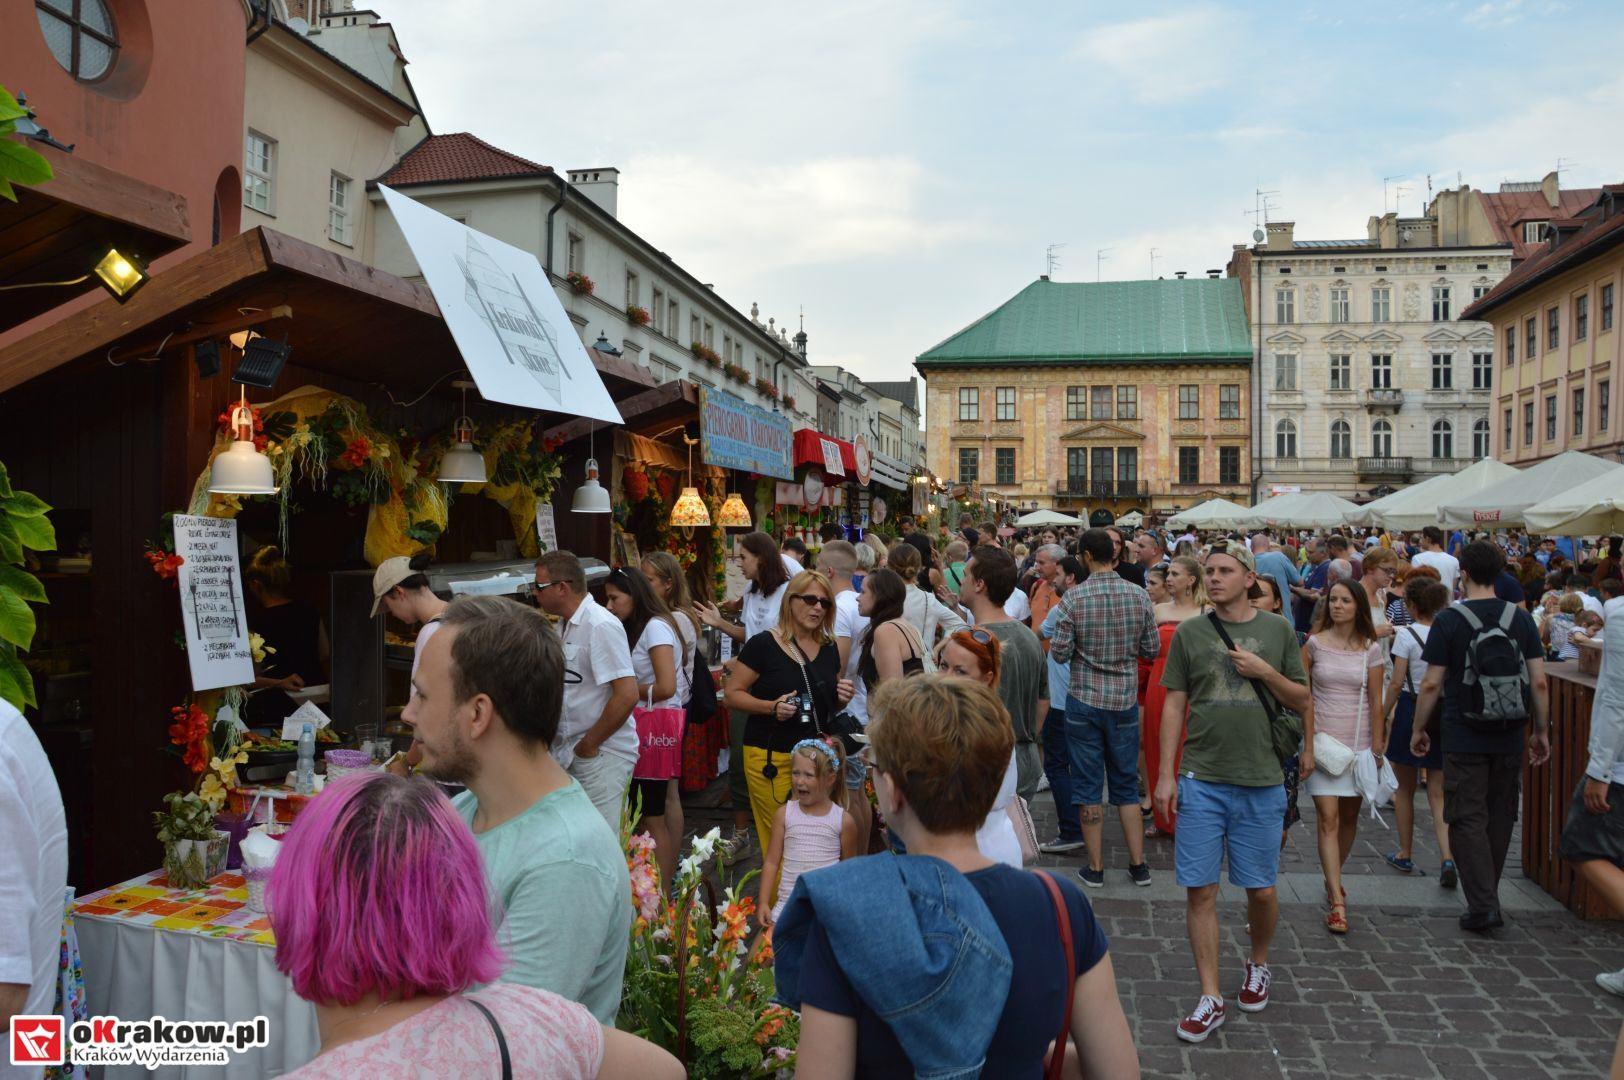 krakow festiwal pierogow maly rynek koncert cheap tobacco 66 150x150 - Galeria zdjęć Festiwal Pierogów Kraków 2018 + zdjęcia z koncertu Cheap Tobacco